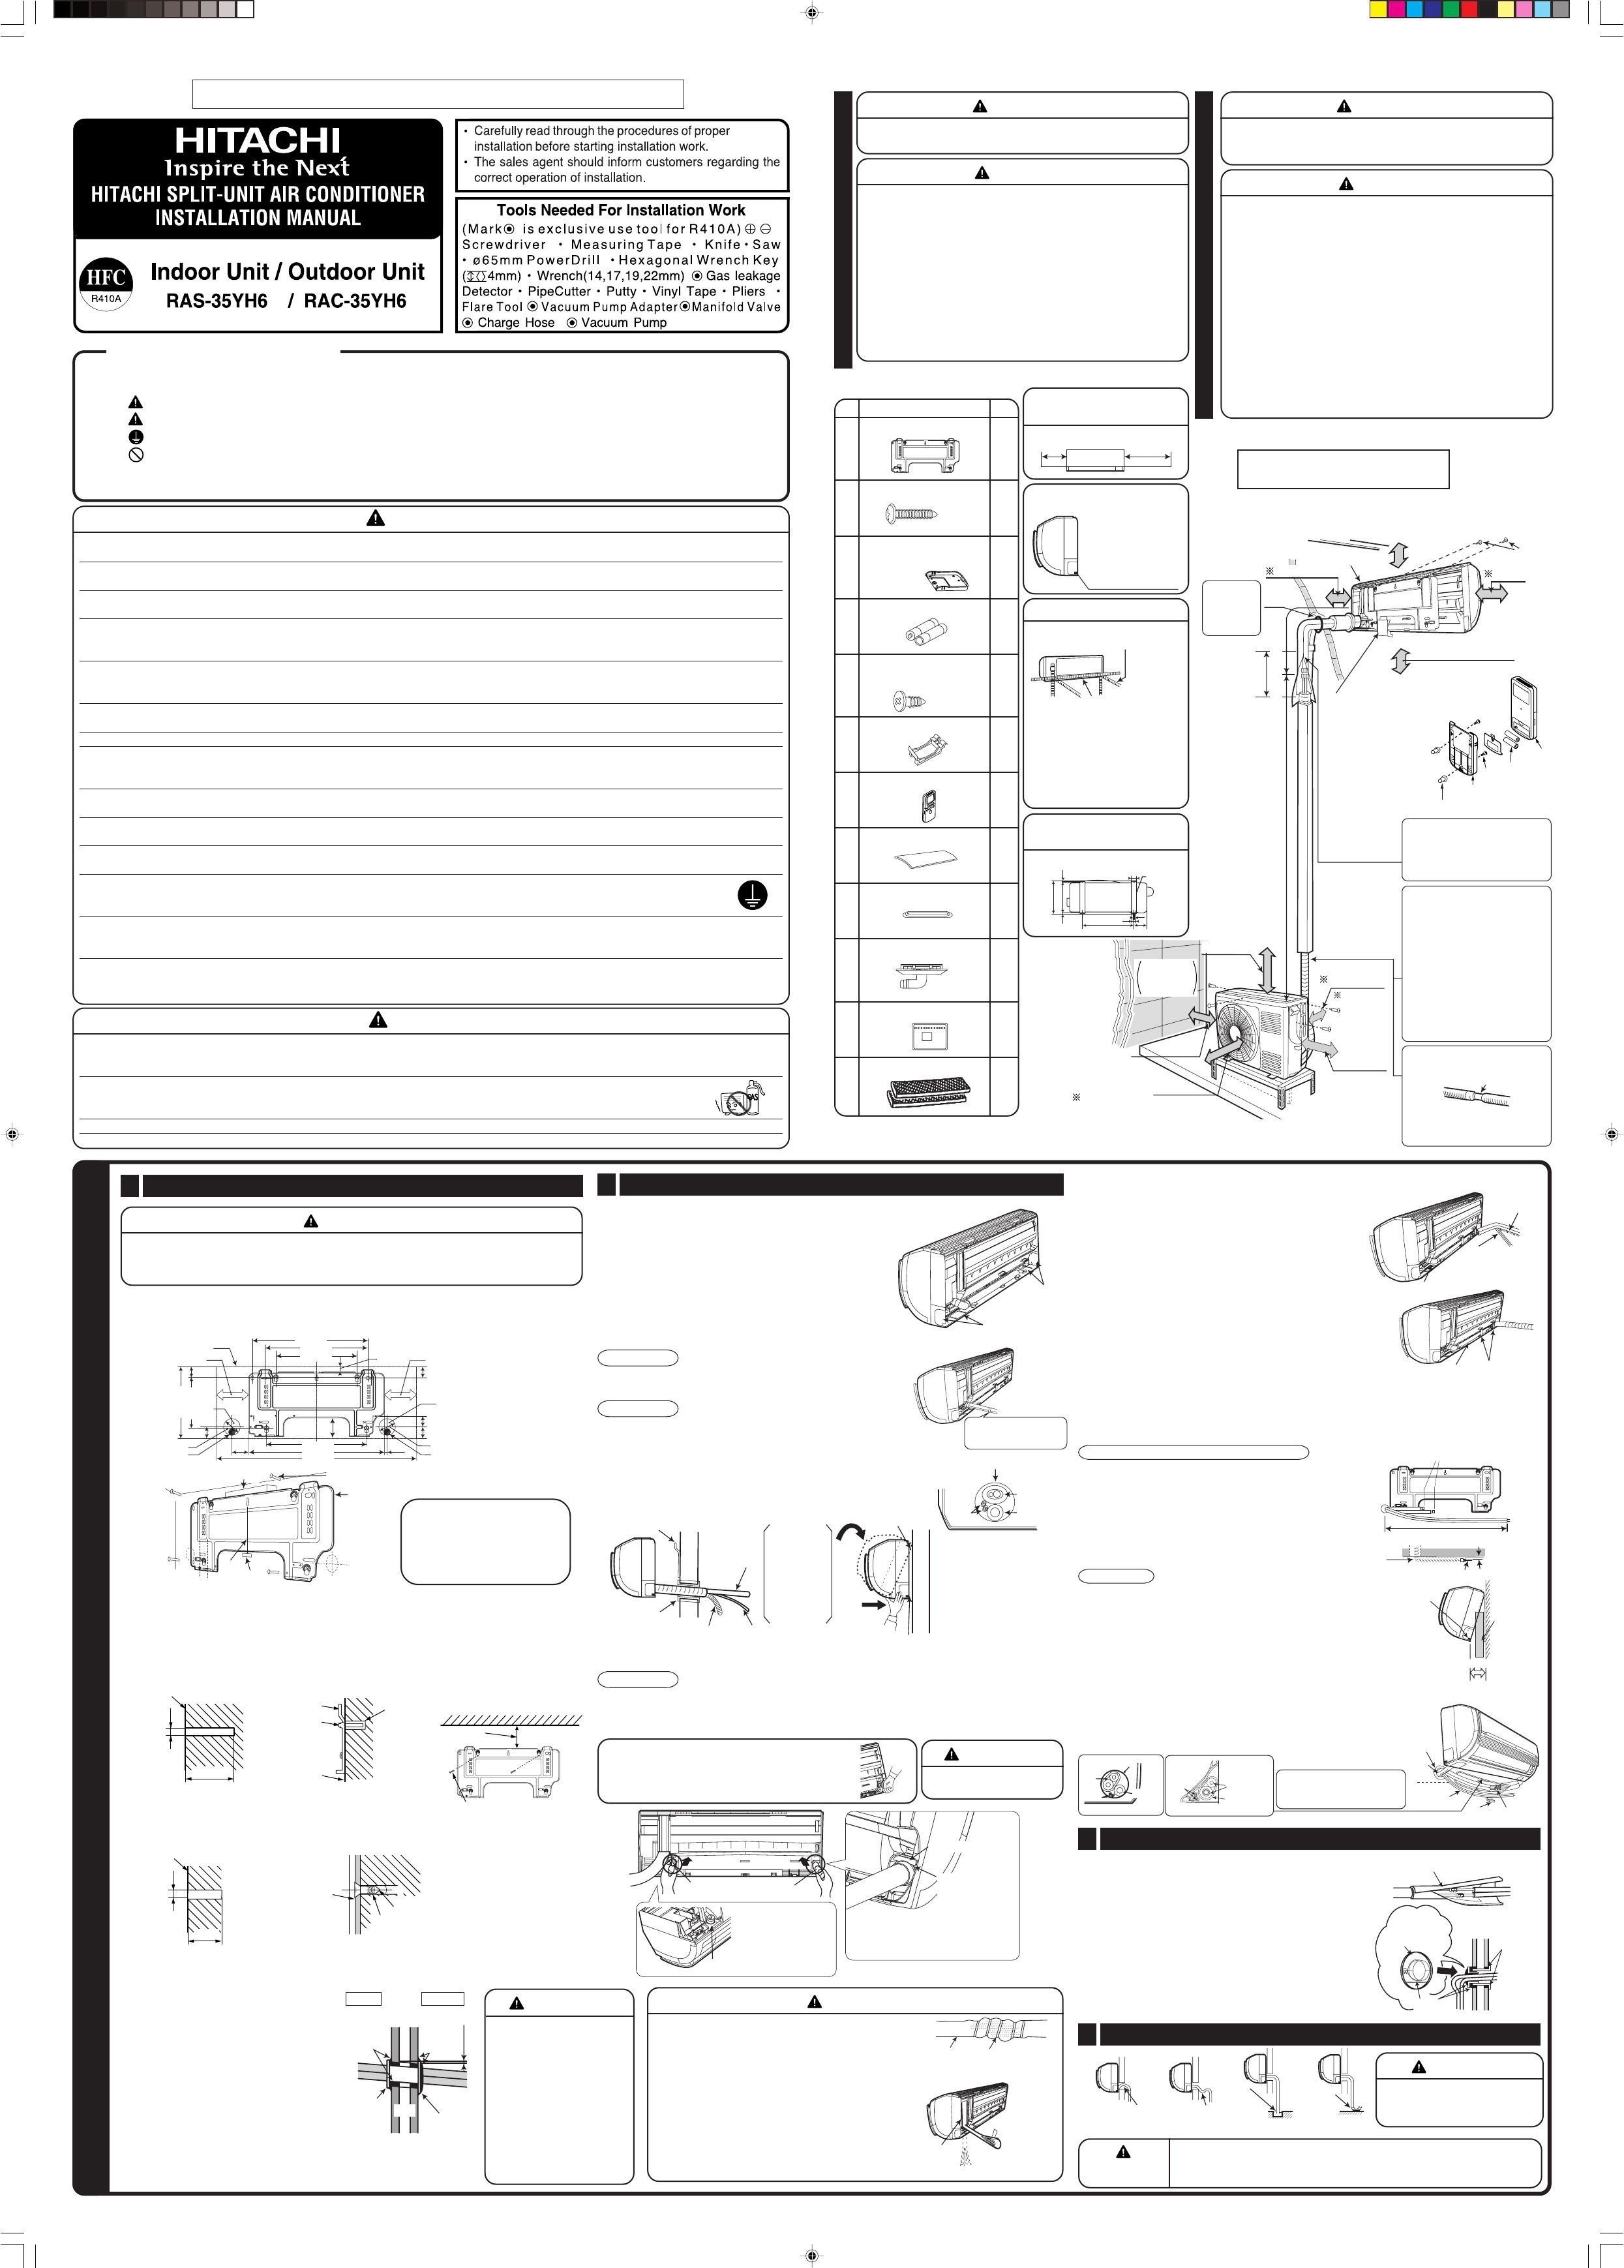 Furnace Blower Motor Wiring Diagram Wiring Diagram for Ac to Furnace New Gas Furnace Wiring Diagram Pdf Of Furnace Blower Motor Wiring Diagram